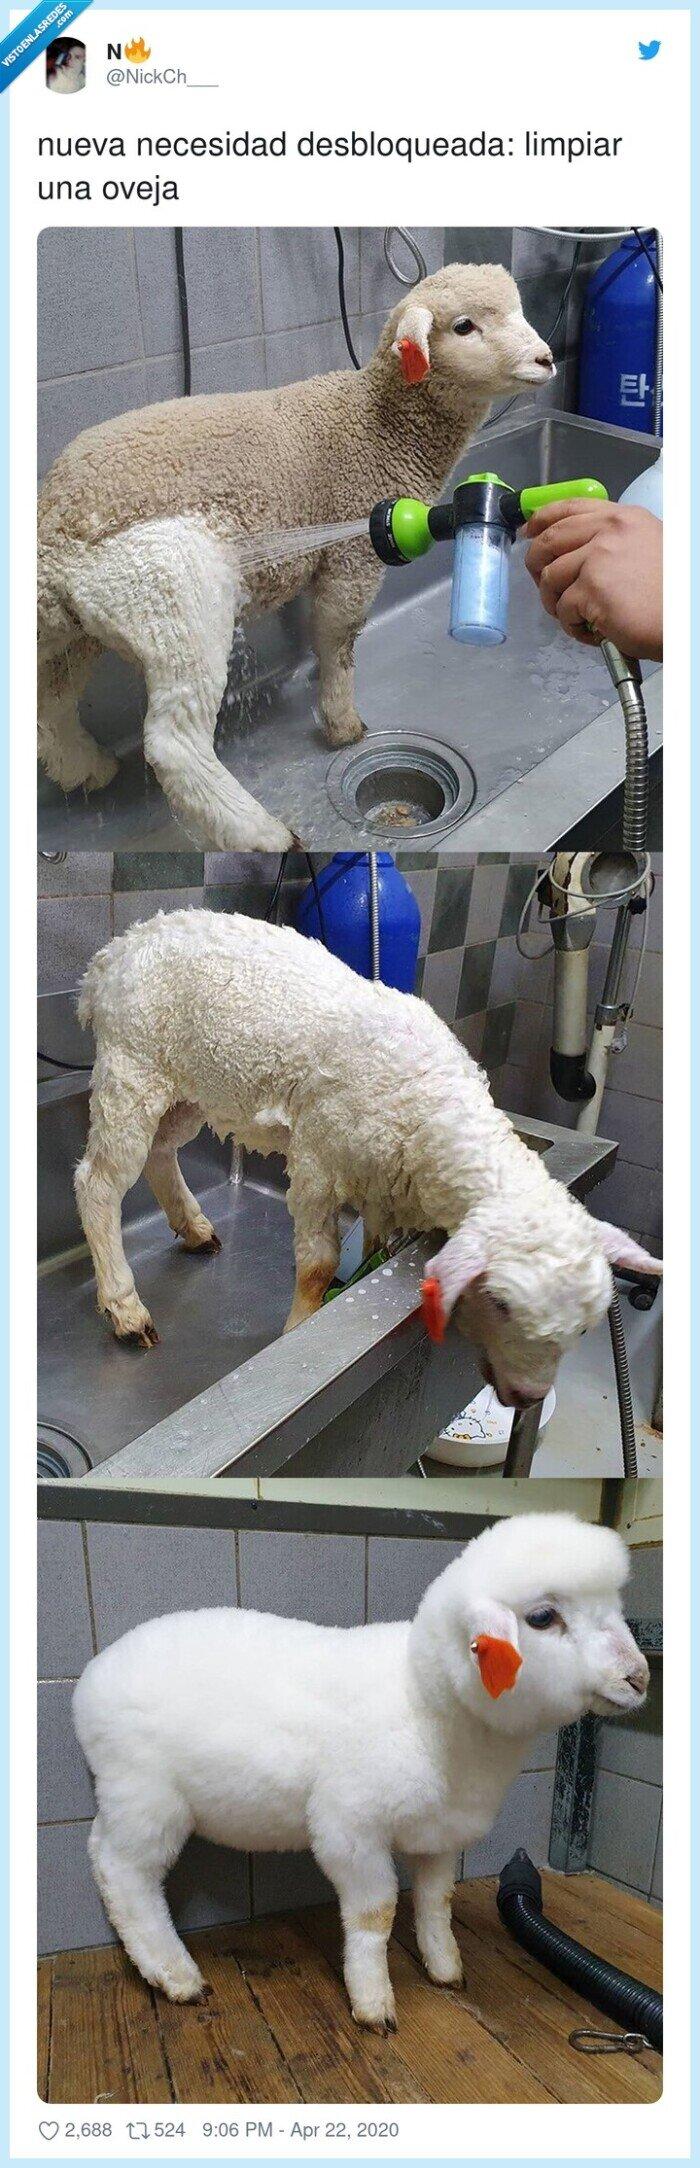 desbloqueada,limpiar,necesidad,oveja